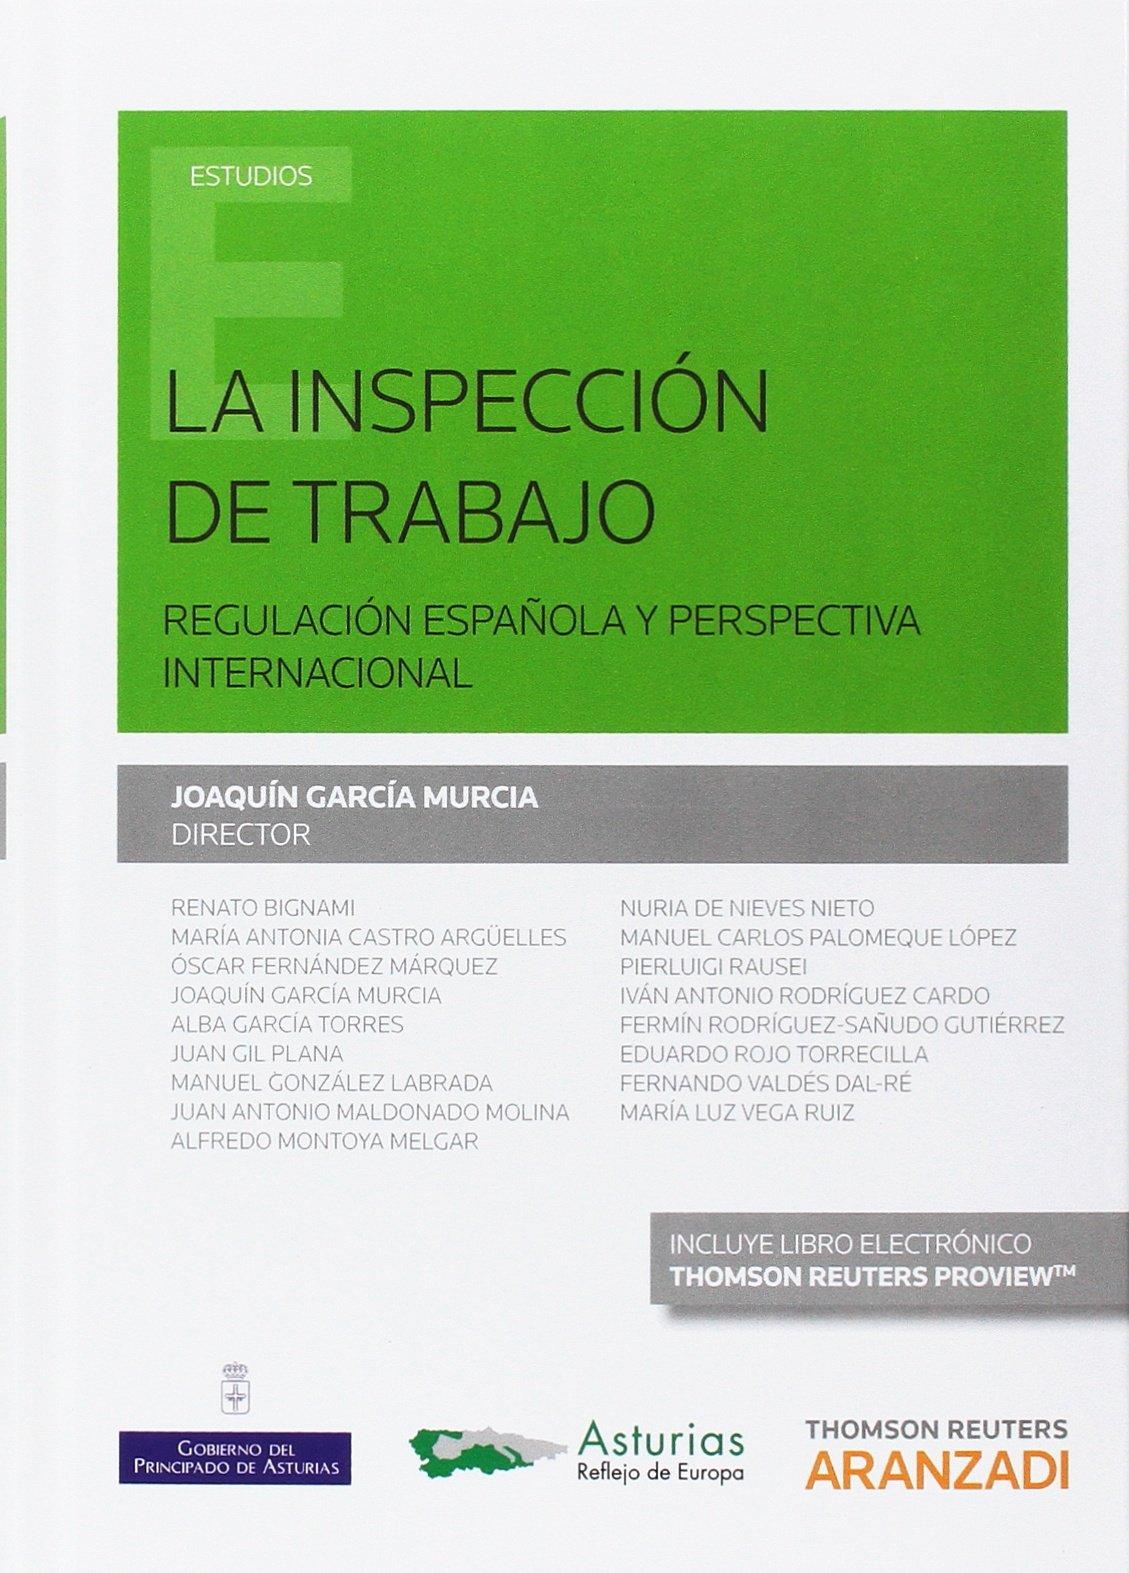 Inspección de trabajo,La. Regulación española y perspectiva internacional Monografía: Amazon.es: García Murcia, Joaquín: Libros